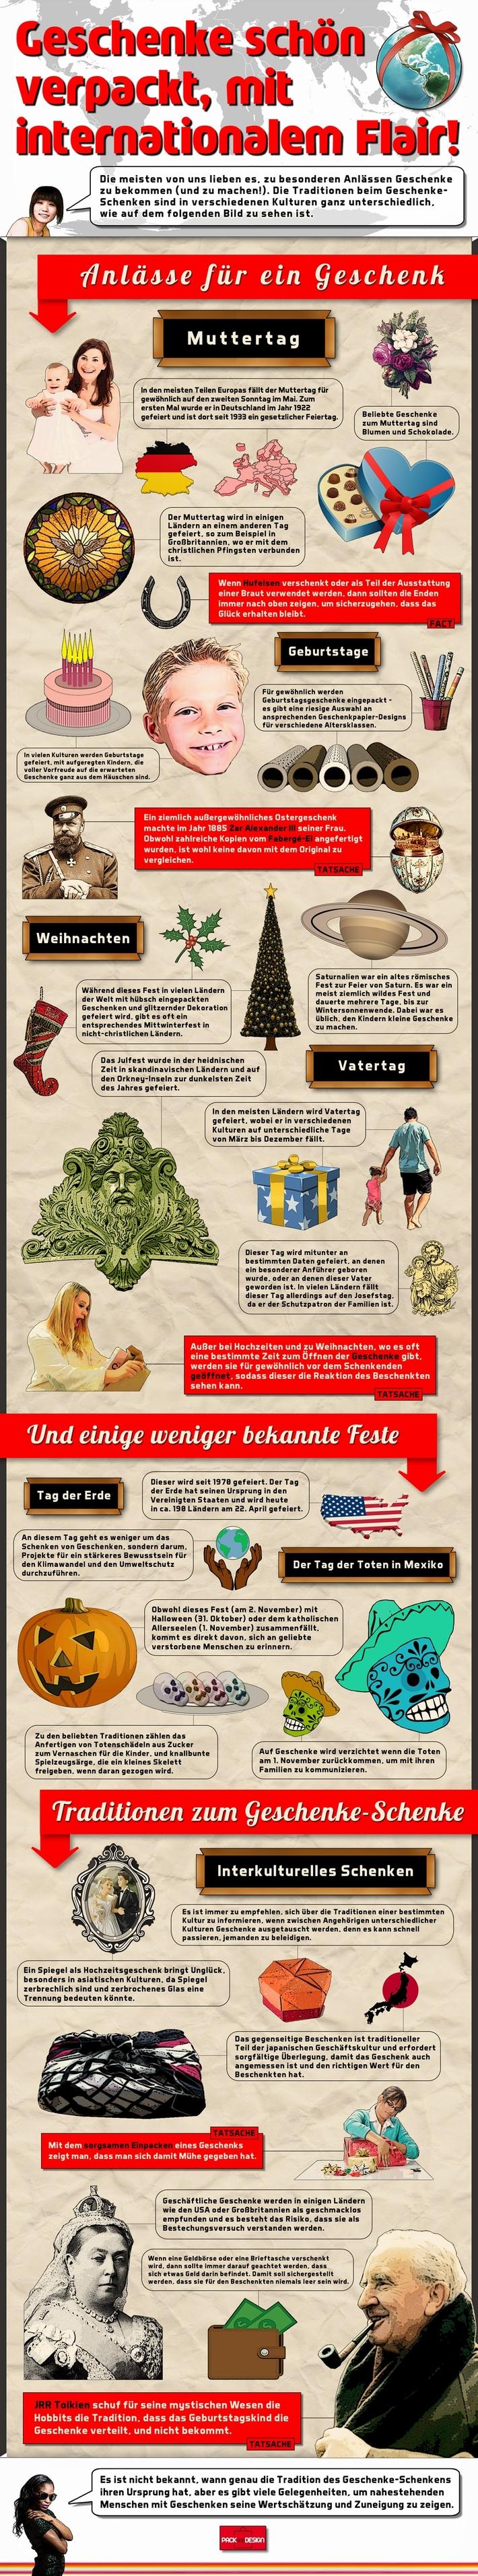 Geschenke-Schenken in unterschiedlichen Kulturen